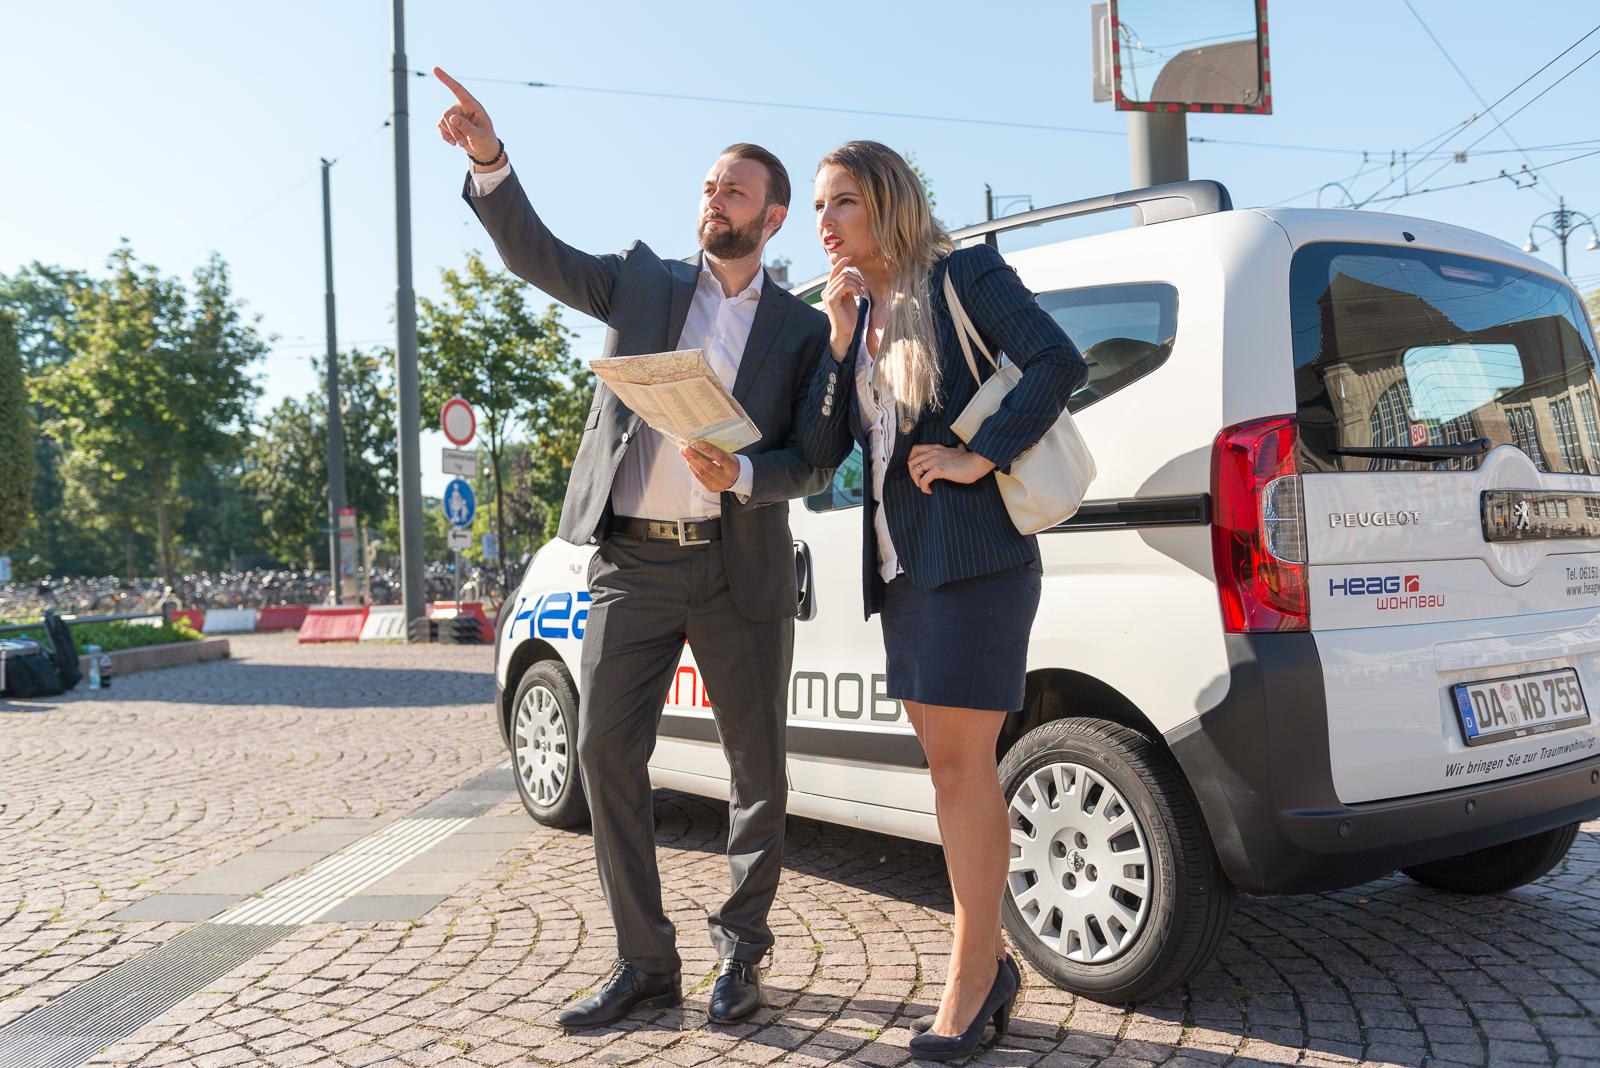 Das HEAG Wohnbaumobil -Mobiler Besichtigungsservice für Mietinteressenten